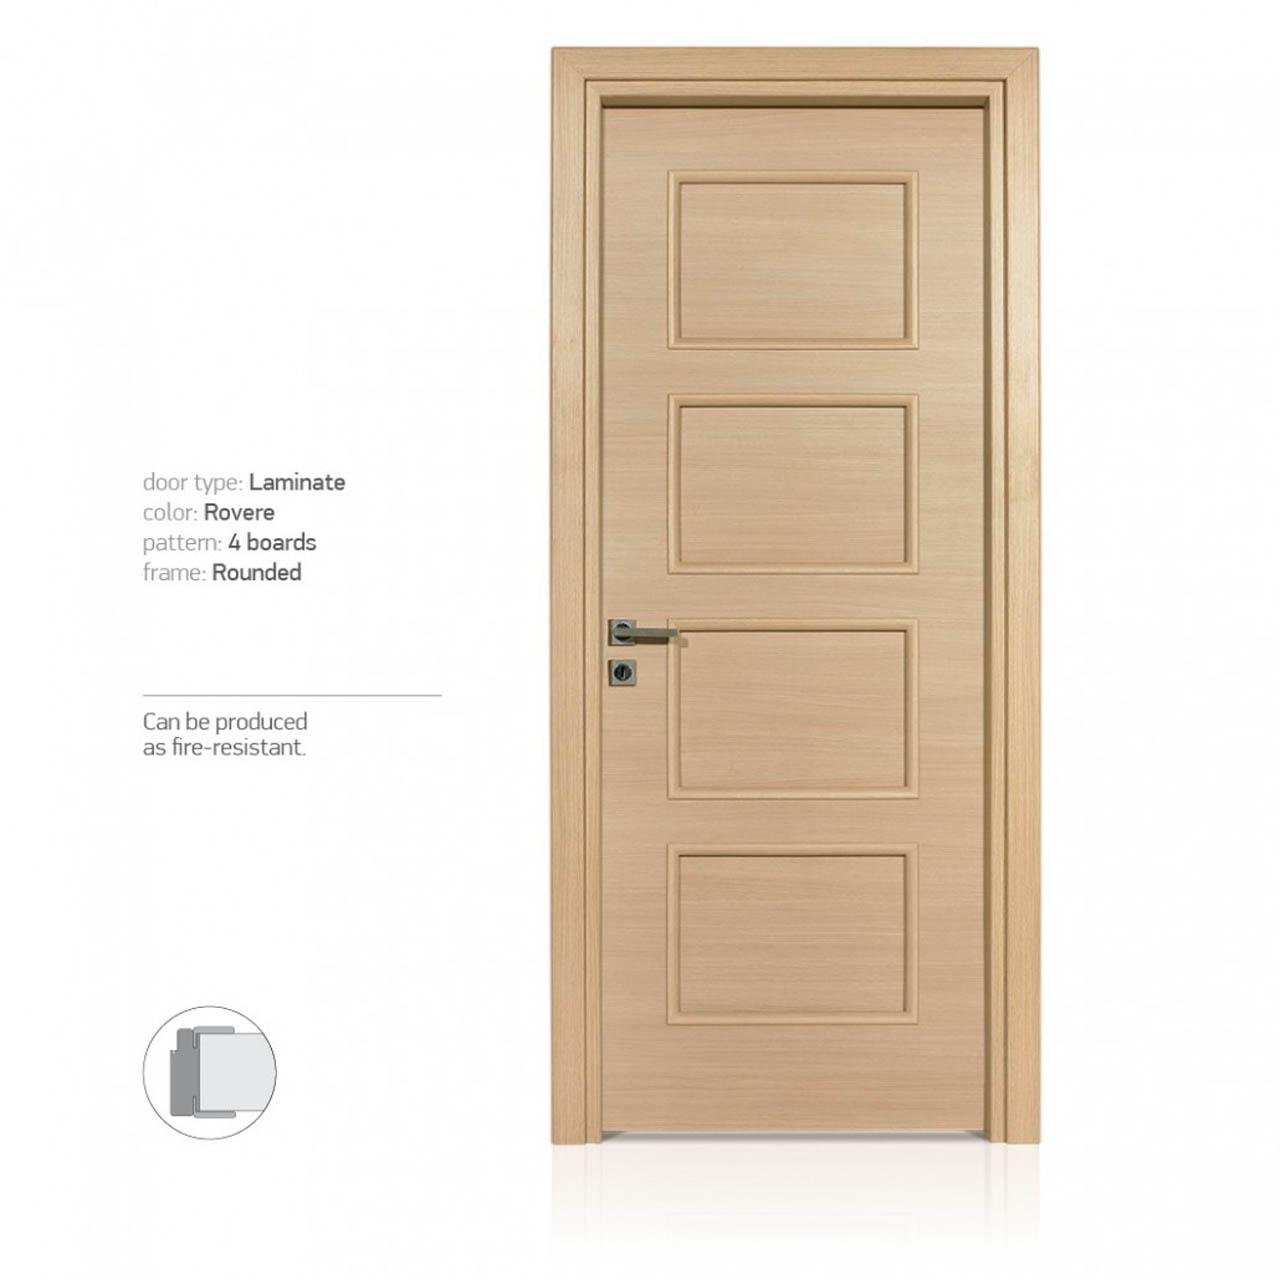 portes-site-laminate-eng9-1030x1030